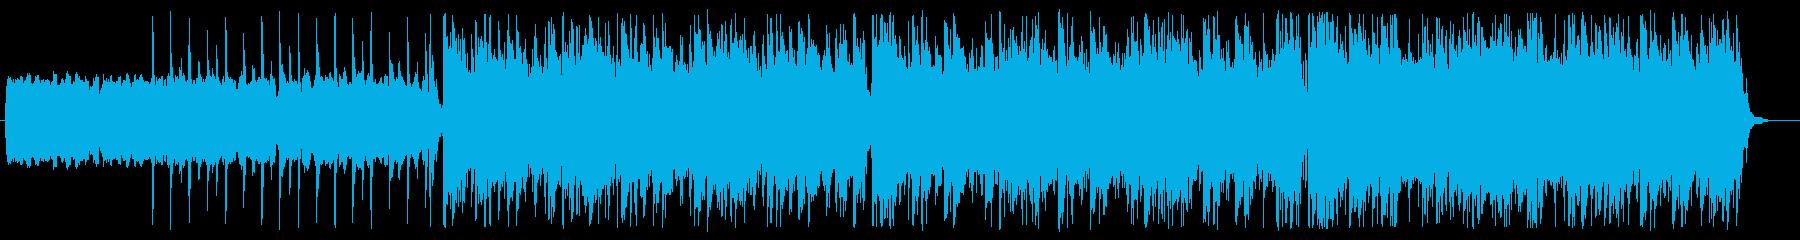 ロックインストゥルメンタル、速いテ...の再生済みの波形